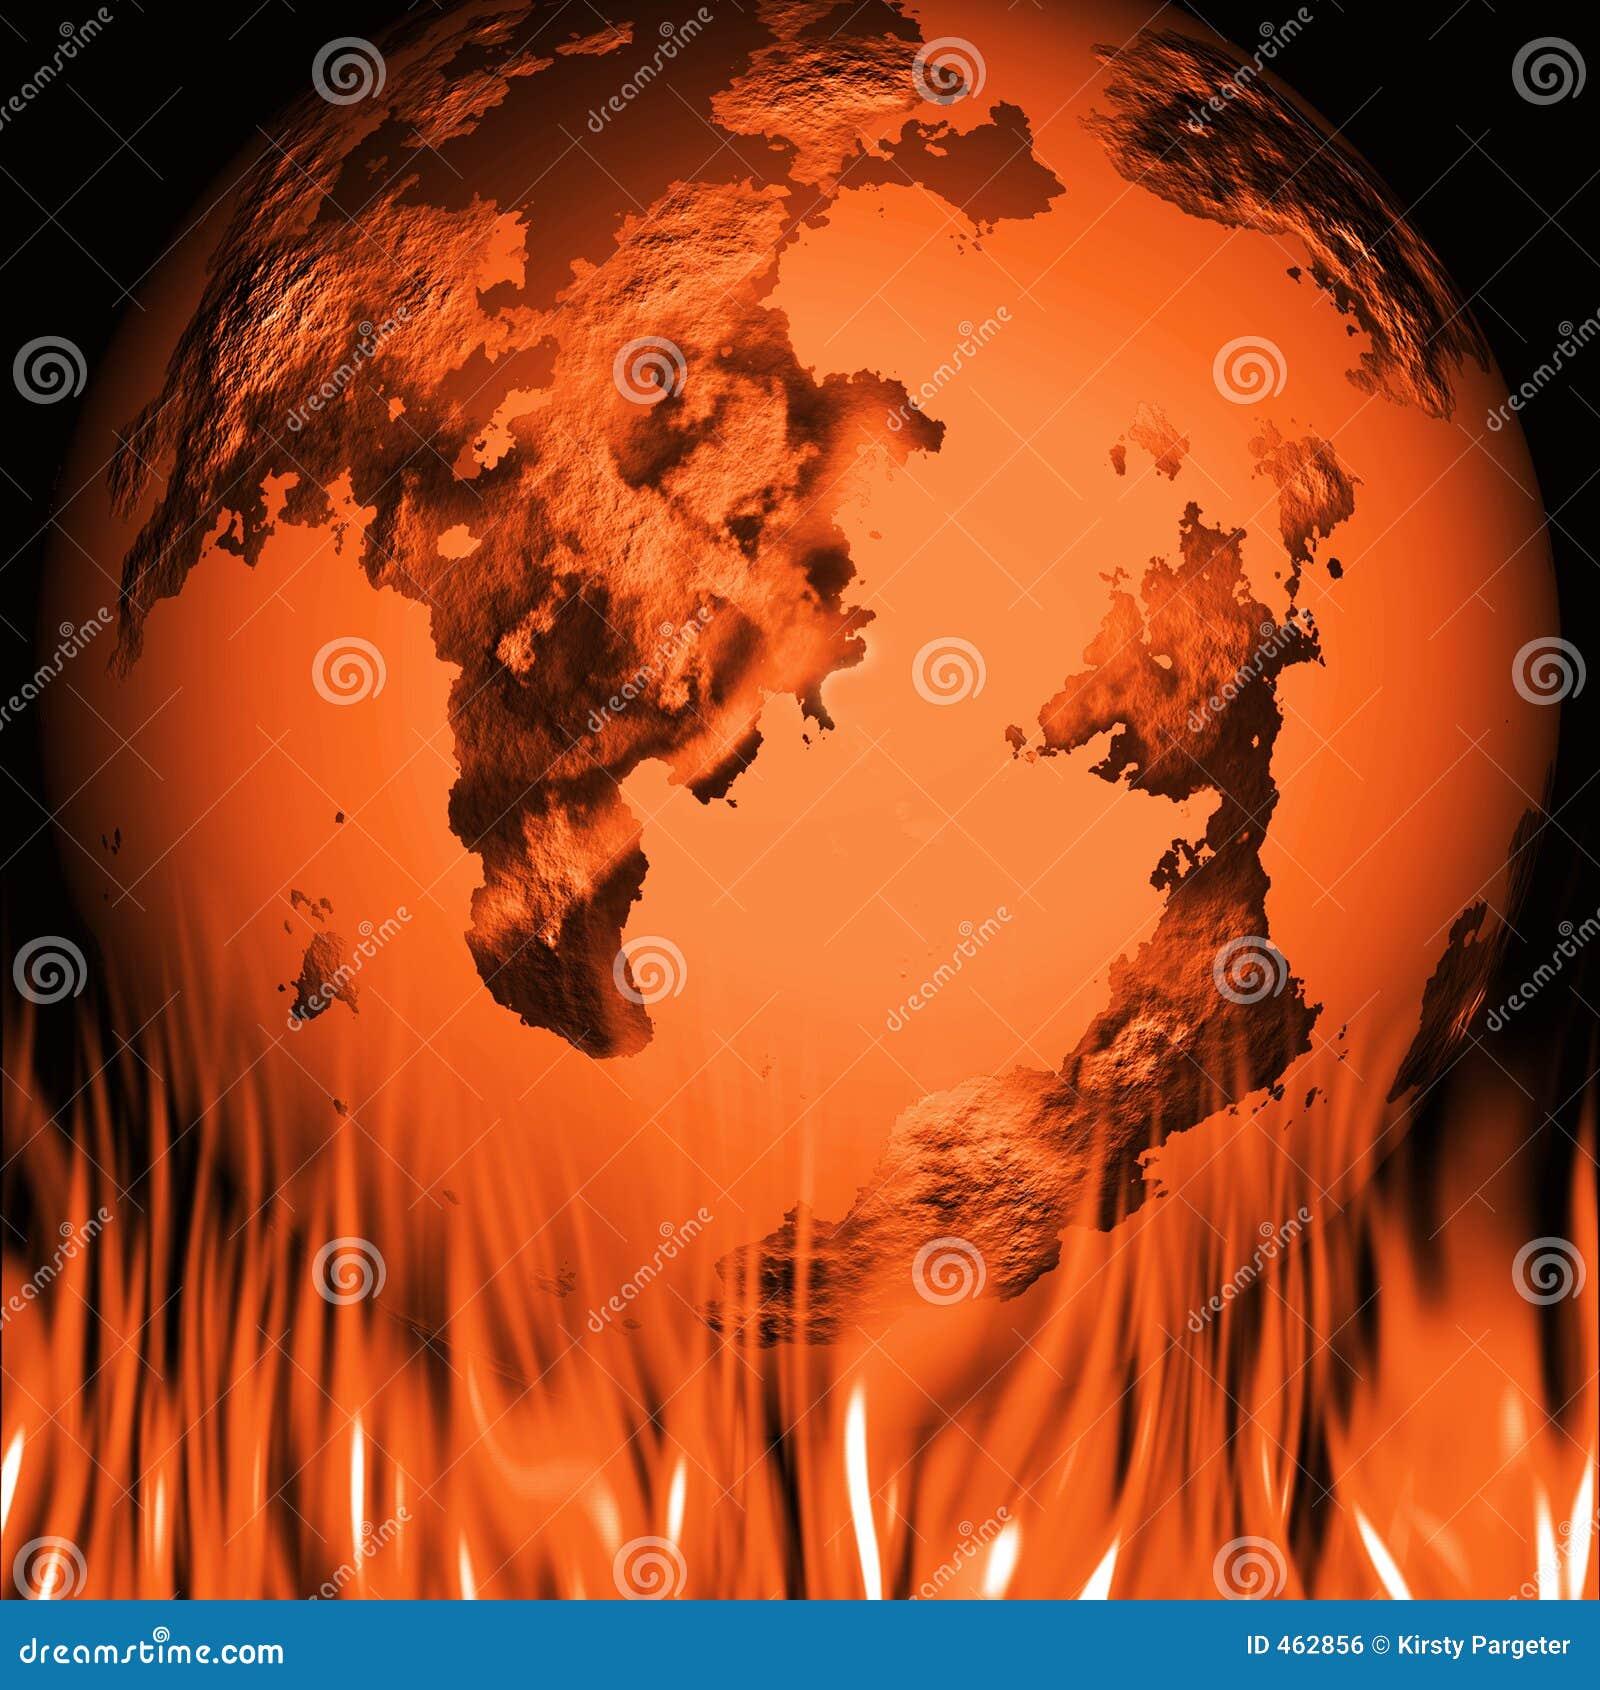 παγκόσμια αύξηση της θερμοκρασίας λόγω του φαινομένου του θερμοκηπίου